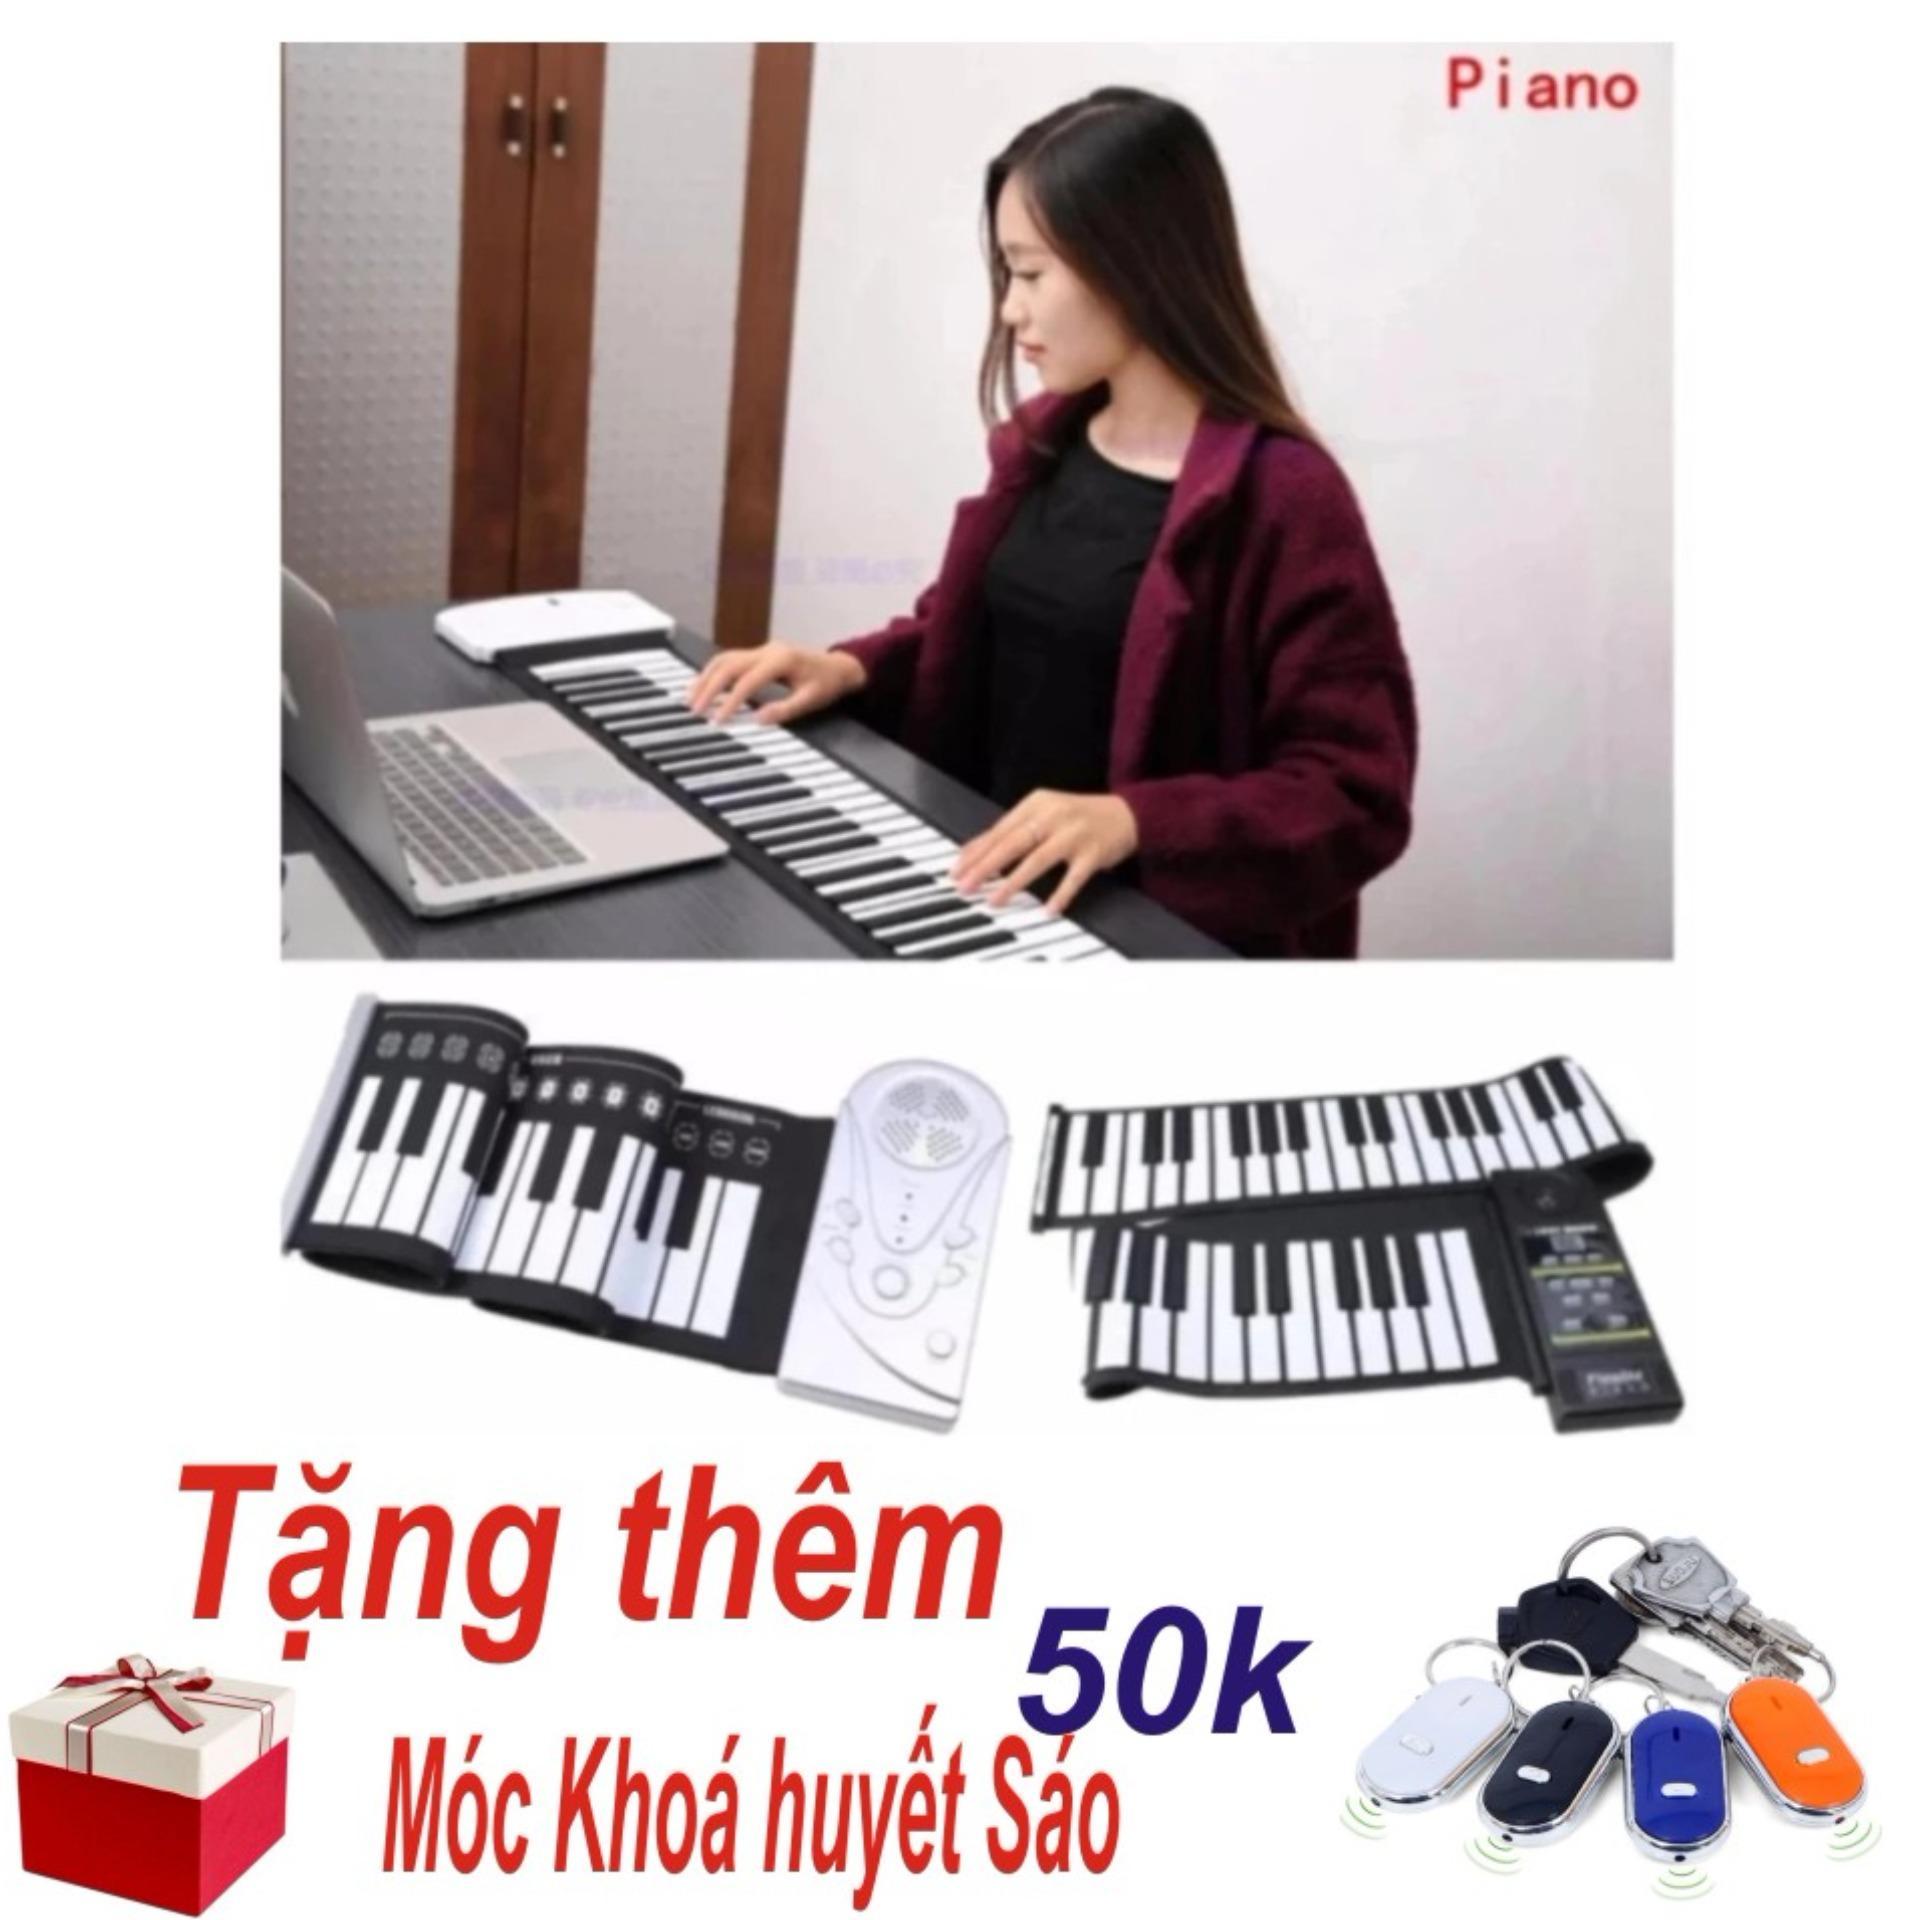 Chỗ nào bán Đàn Piano Điện Tử Bàn Phím Cuộn Dẻo 49 Keys (Trắng) – Hàng Nhập Khẩu + Tặng Móc Khoá Huyết Sáo Thông Minh